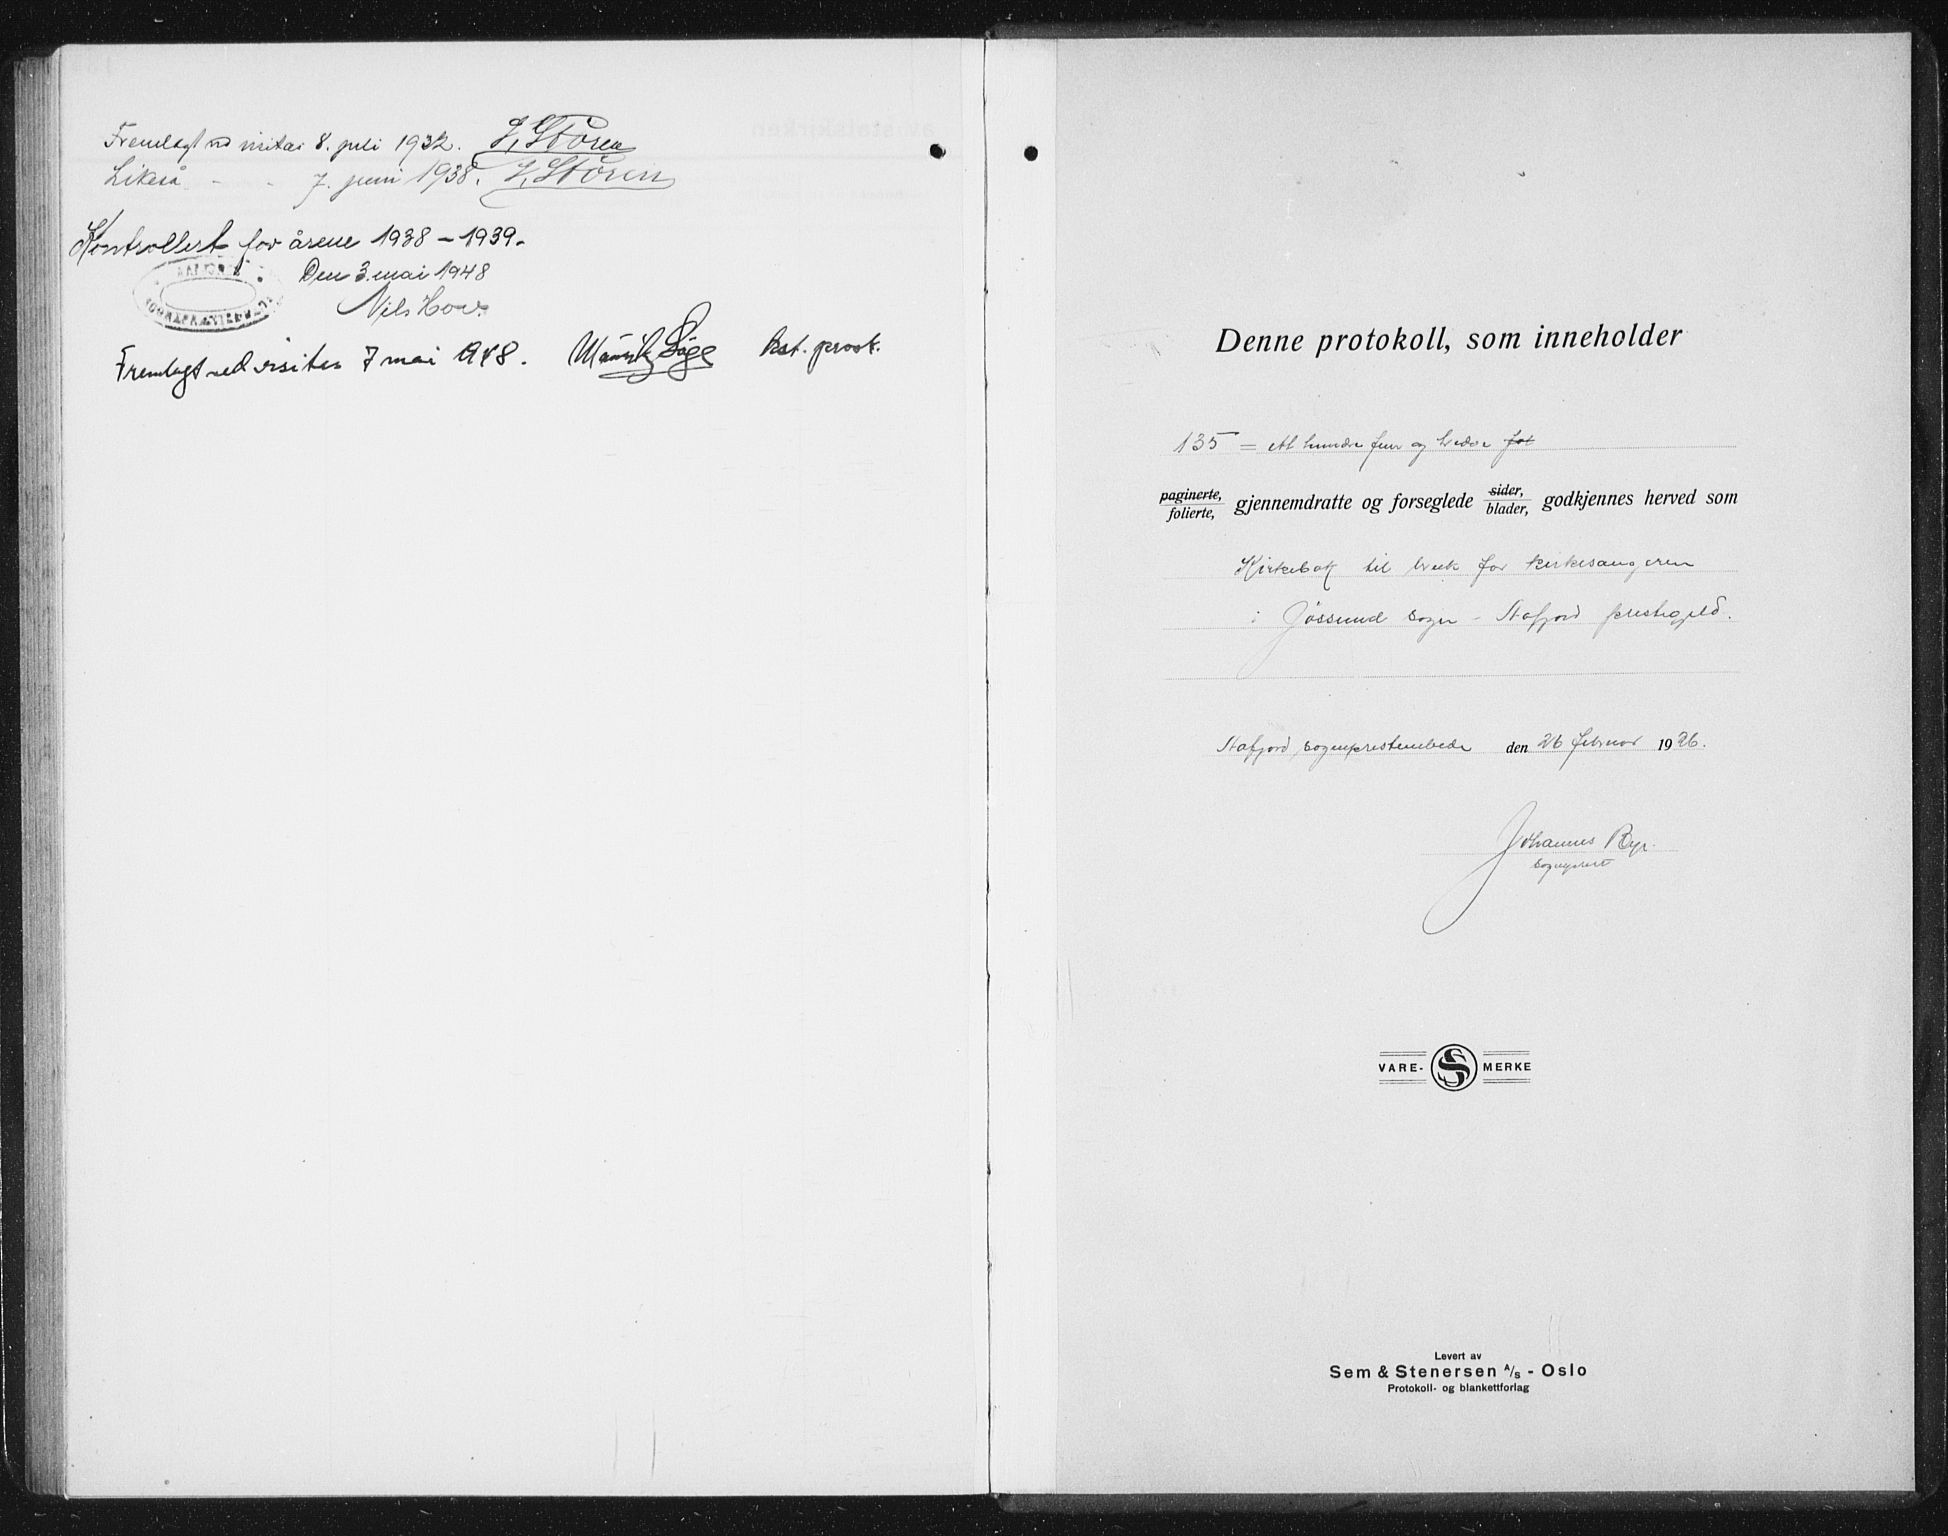 SAT, Ministerialprotokoller, klokkerbøker og fødselsregistre - Sør-Trøndelag, 654/L0667: Klokkerbok nr. 654C03, 1924-1939